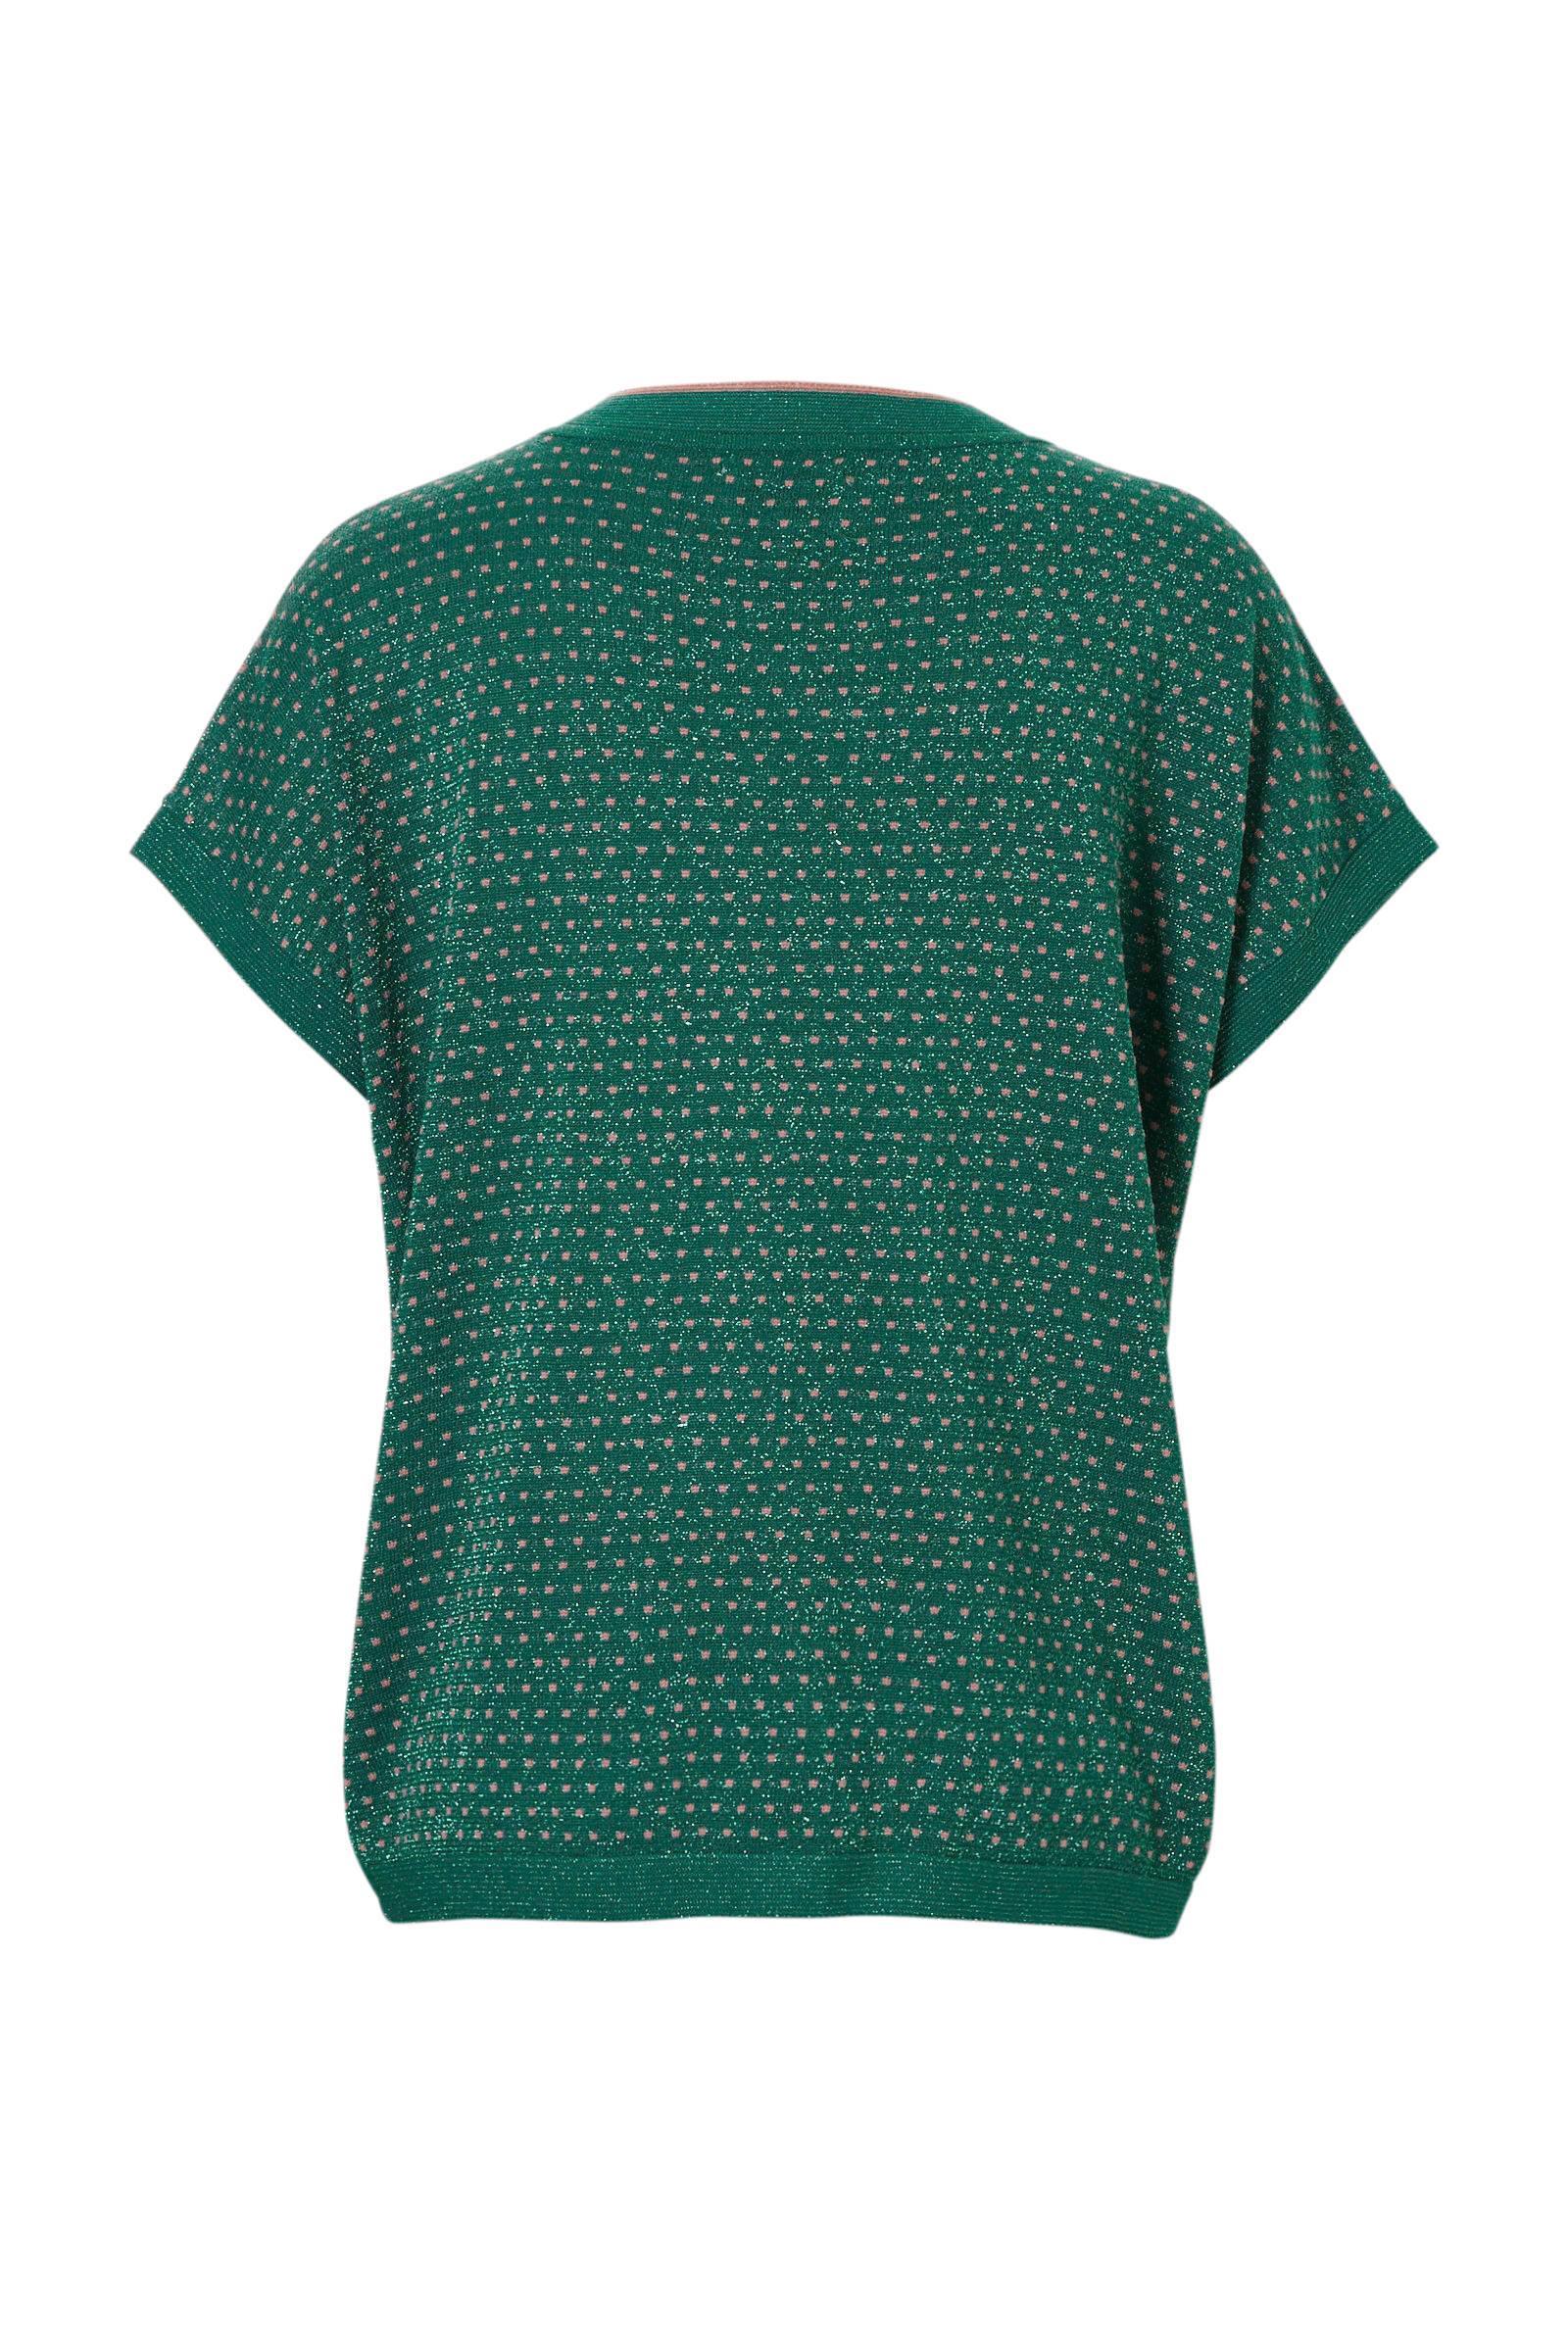 NÜMPH T shirt met all over print roze Tops, T shirts en